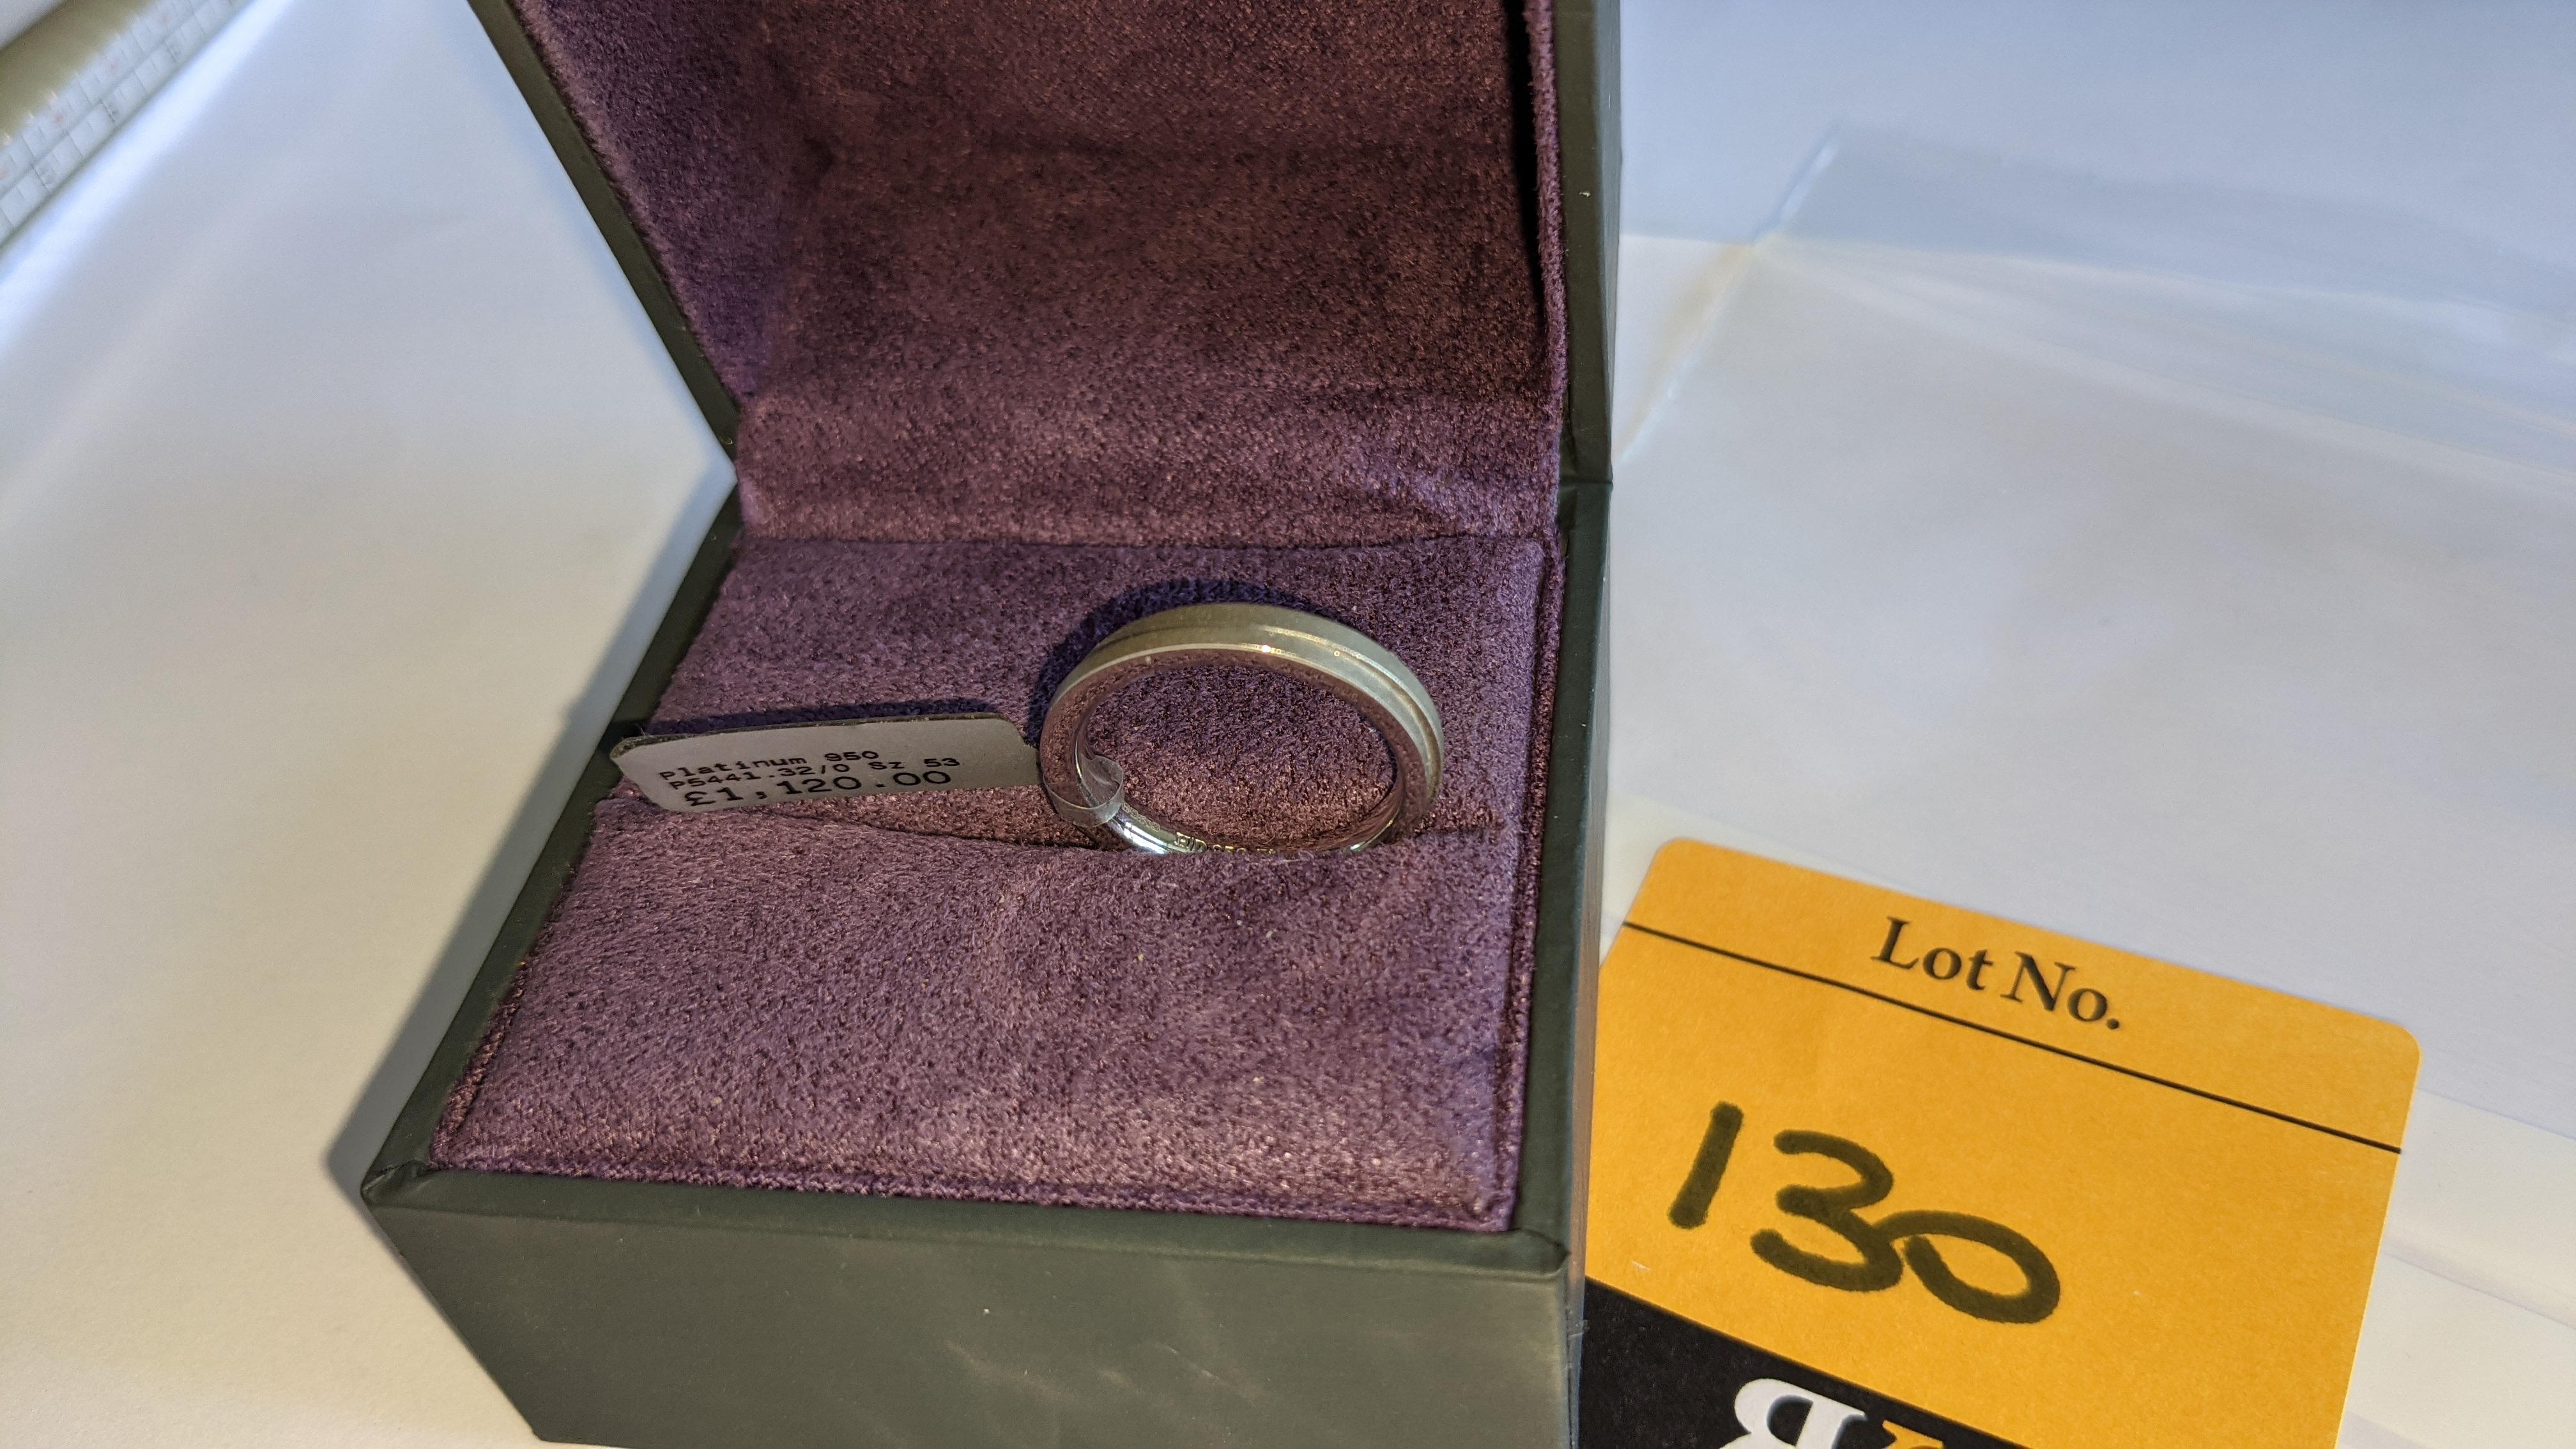 Platinum 950 wedding ring. RRP £1,120 - Image 4 of 13